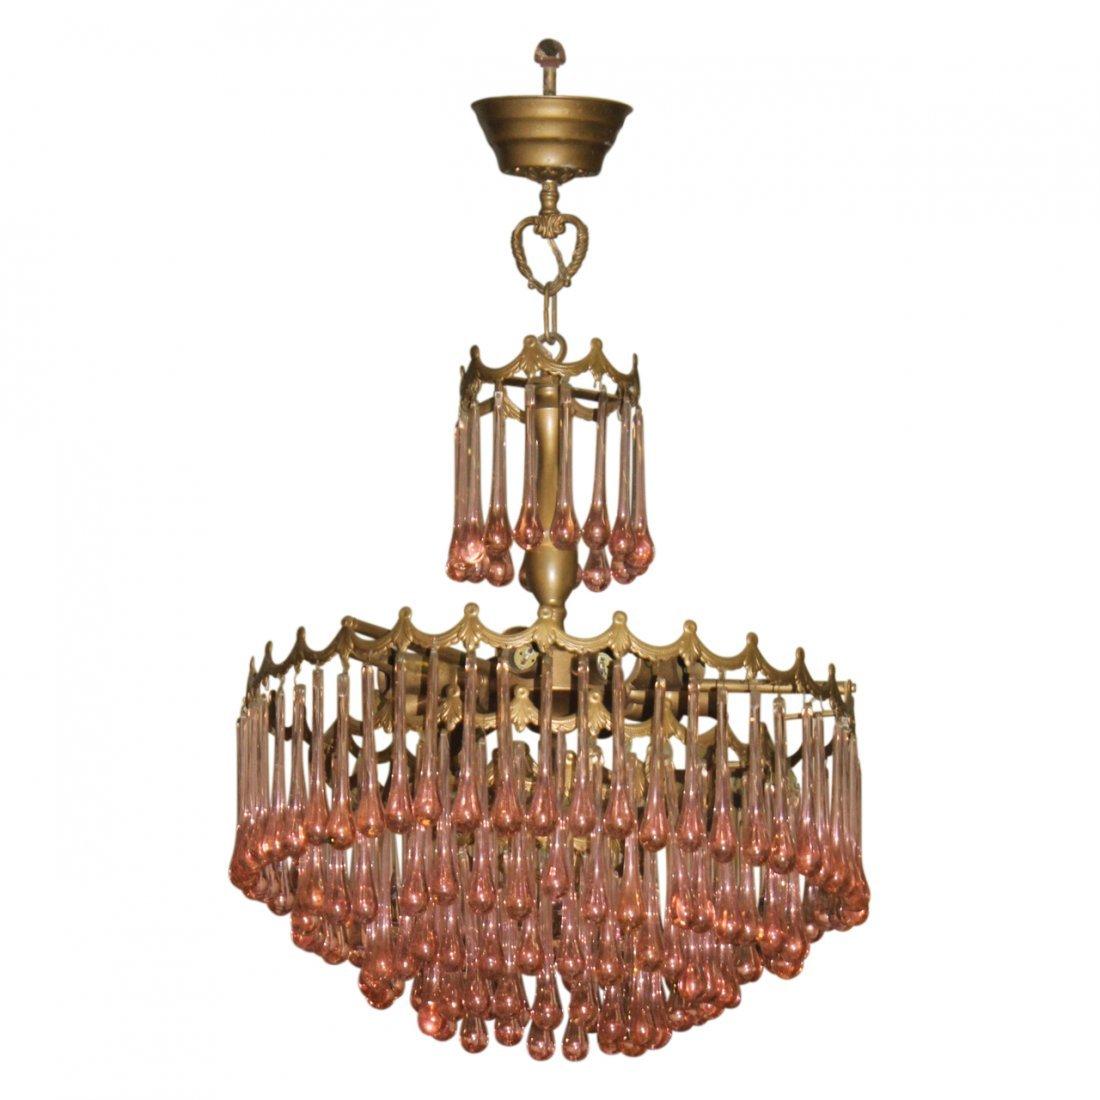 Antique Chandelier W/ Pink Prisms